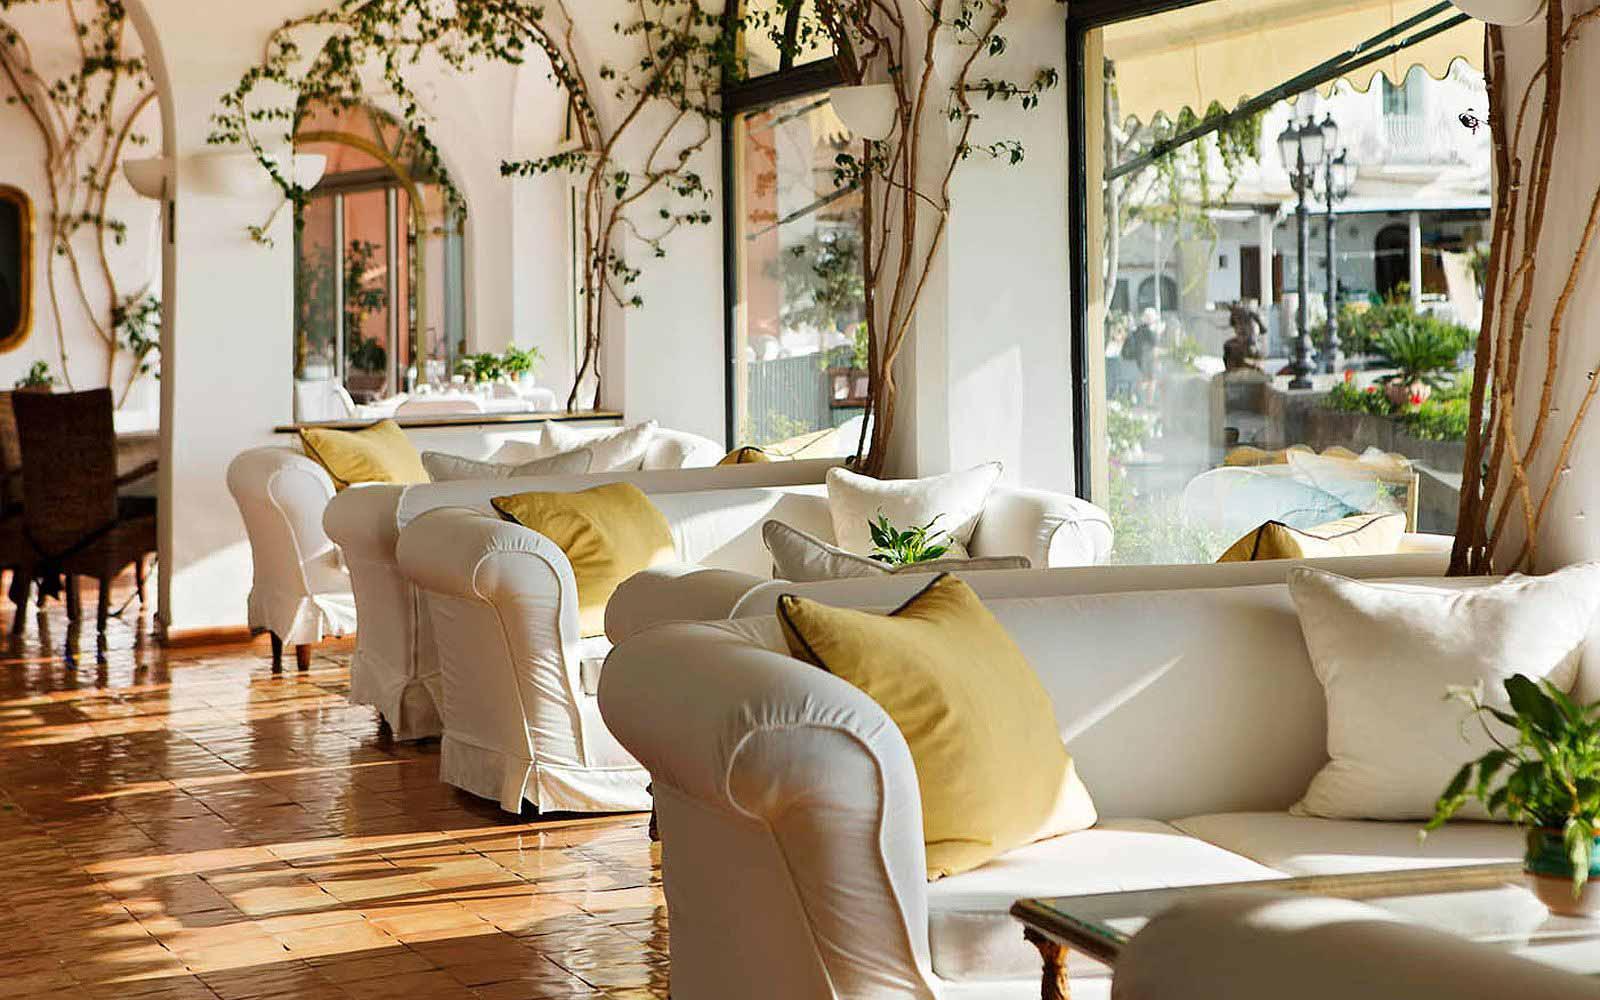 Lounge at Covo Dei Saraceni